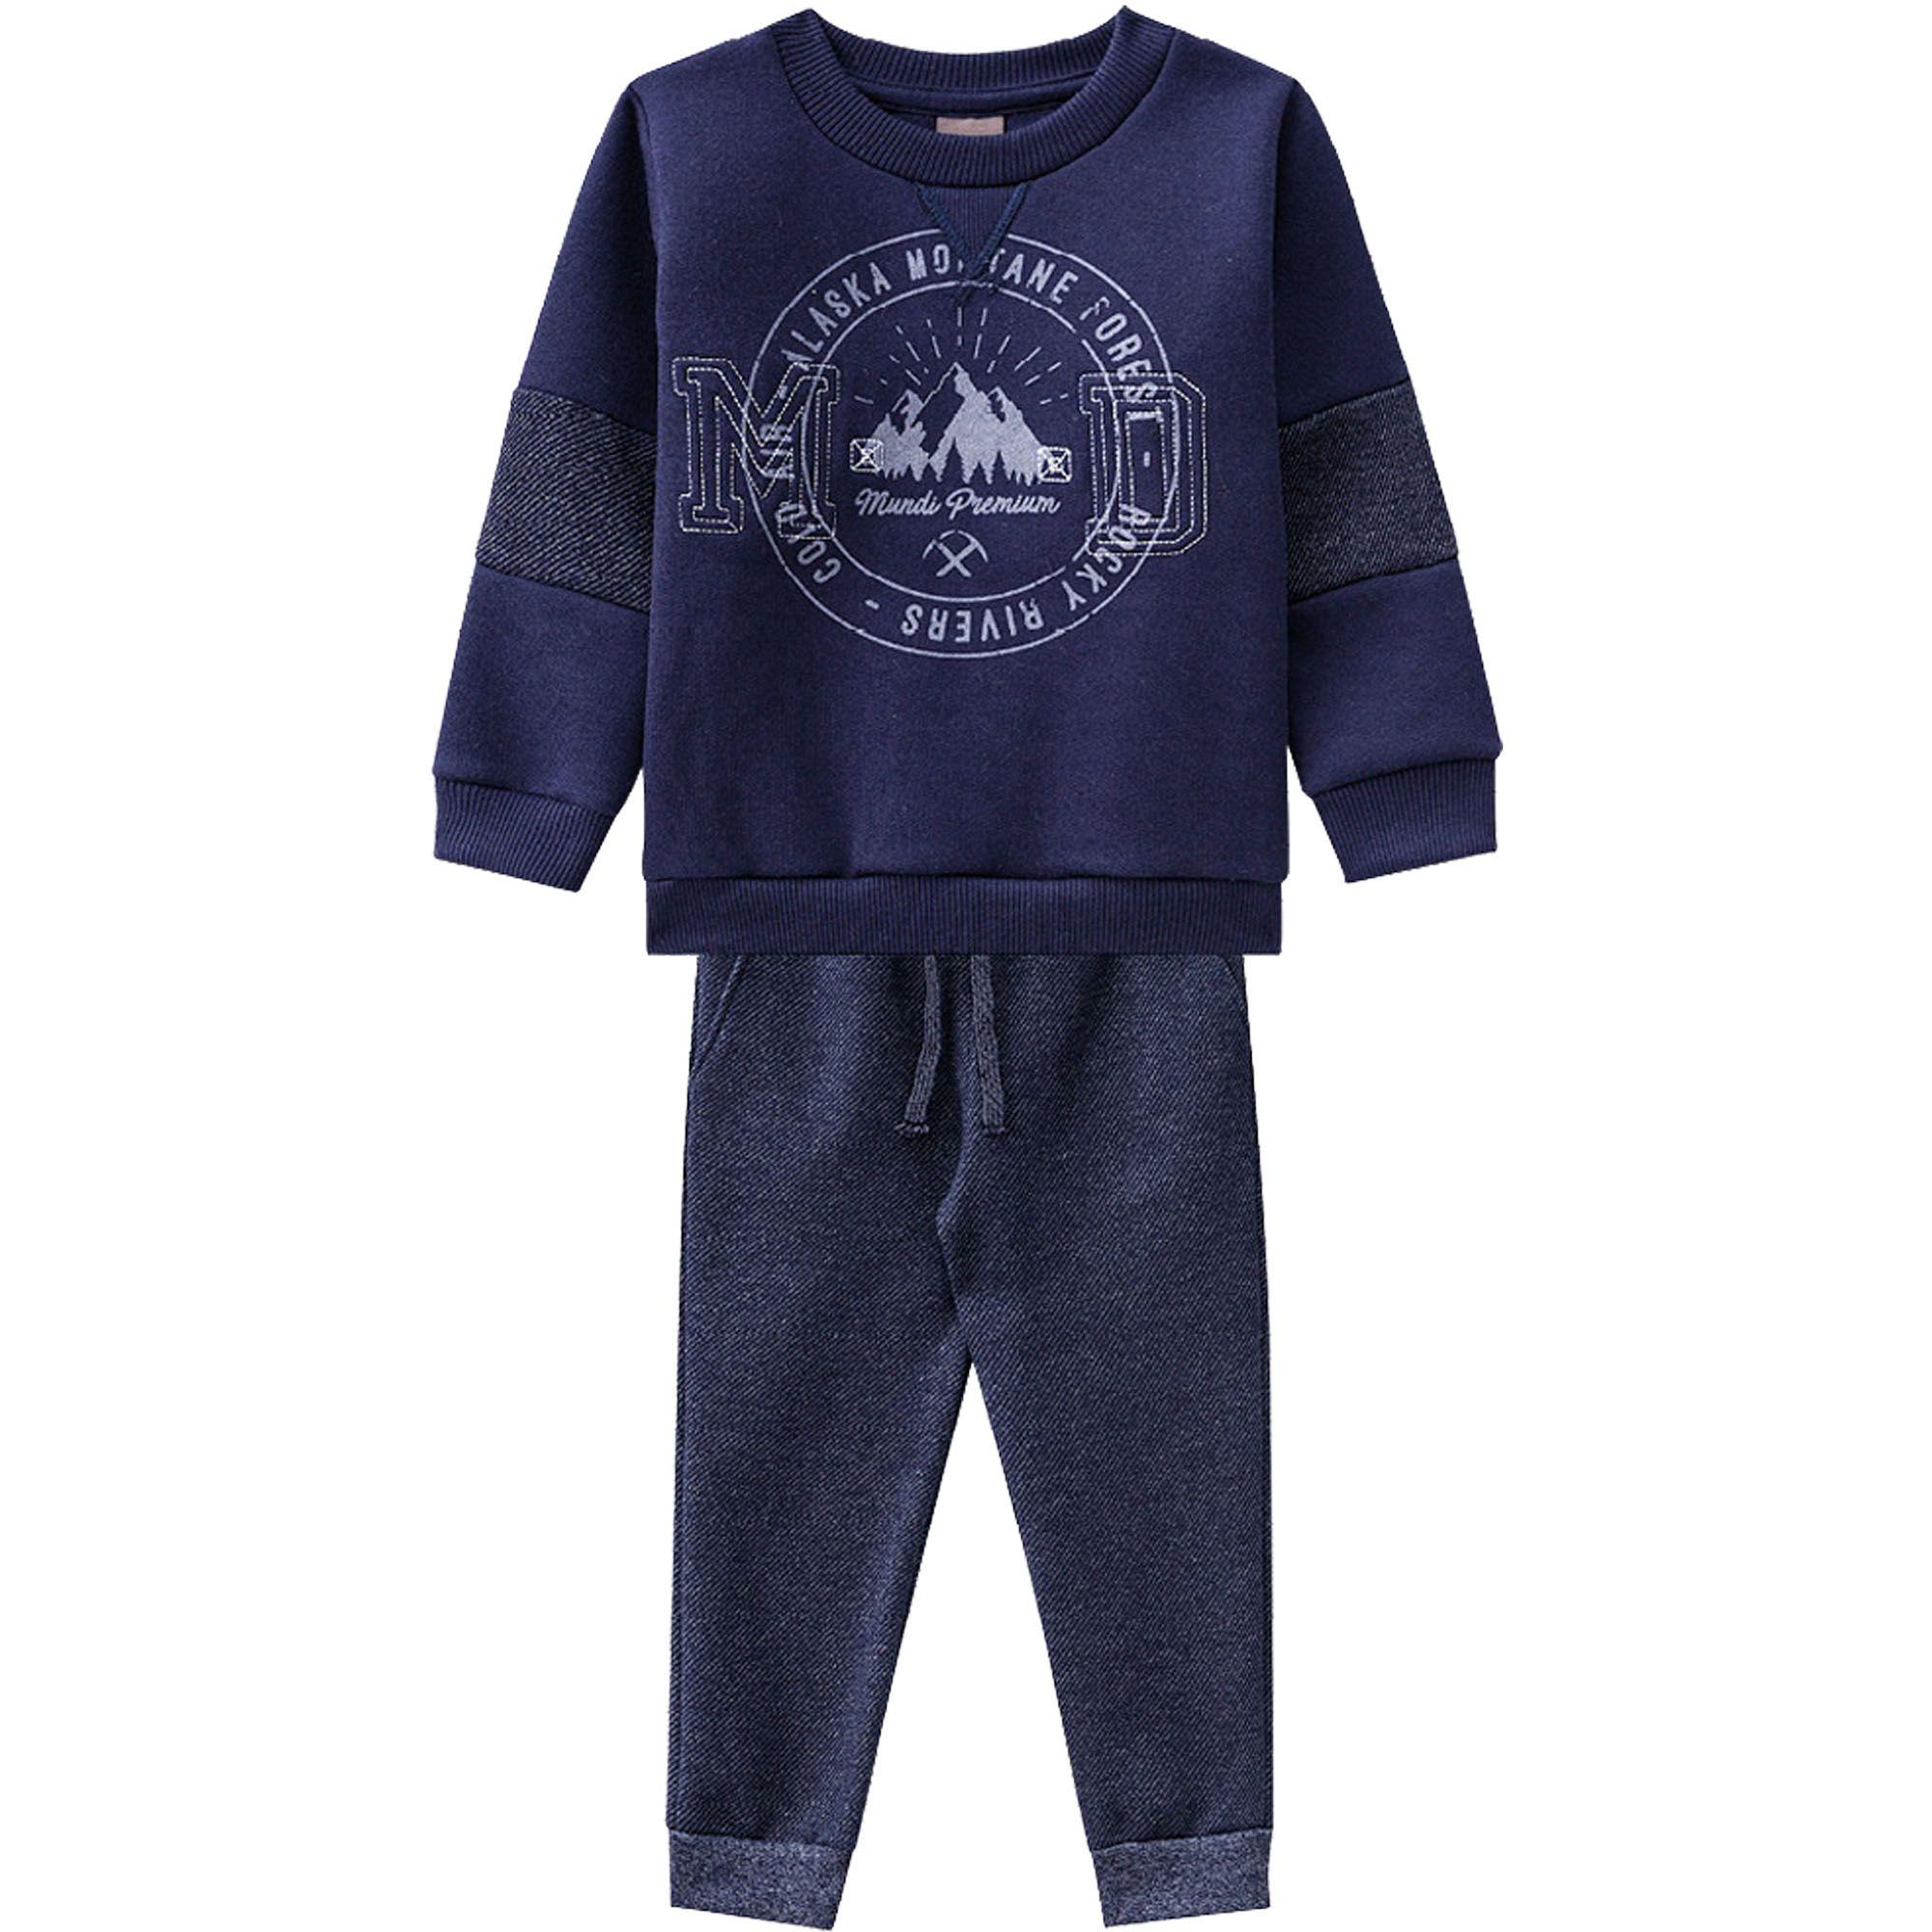 Conjunto Brandili Mundi Bordado MD Alaska Montane Forest com calça Jogger - 01 ao 03